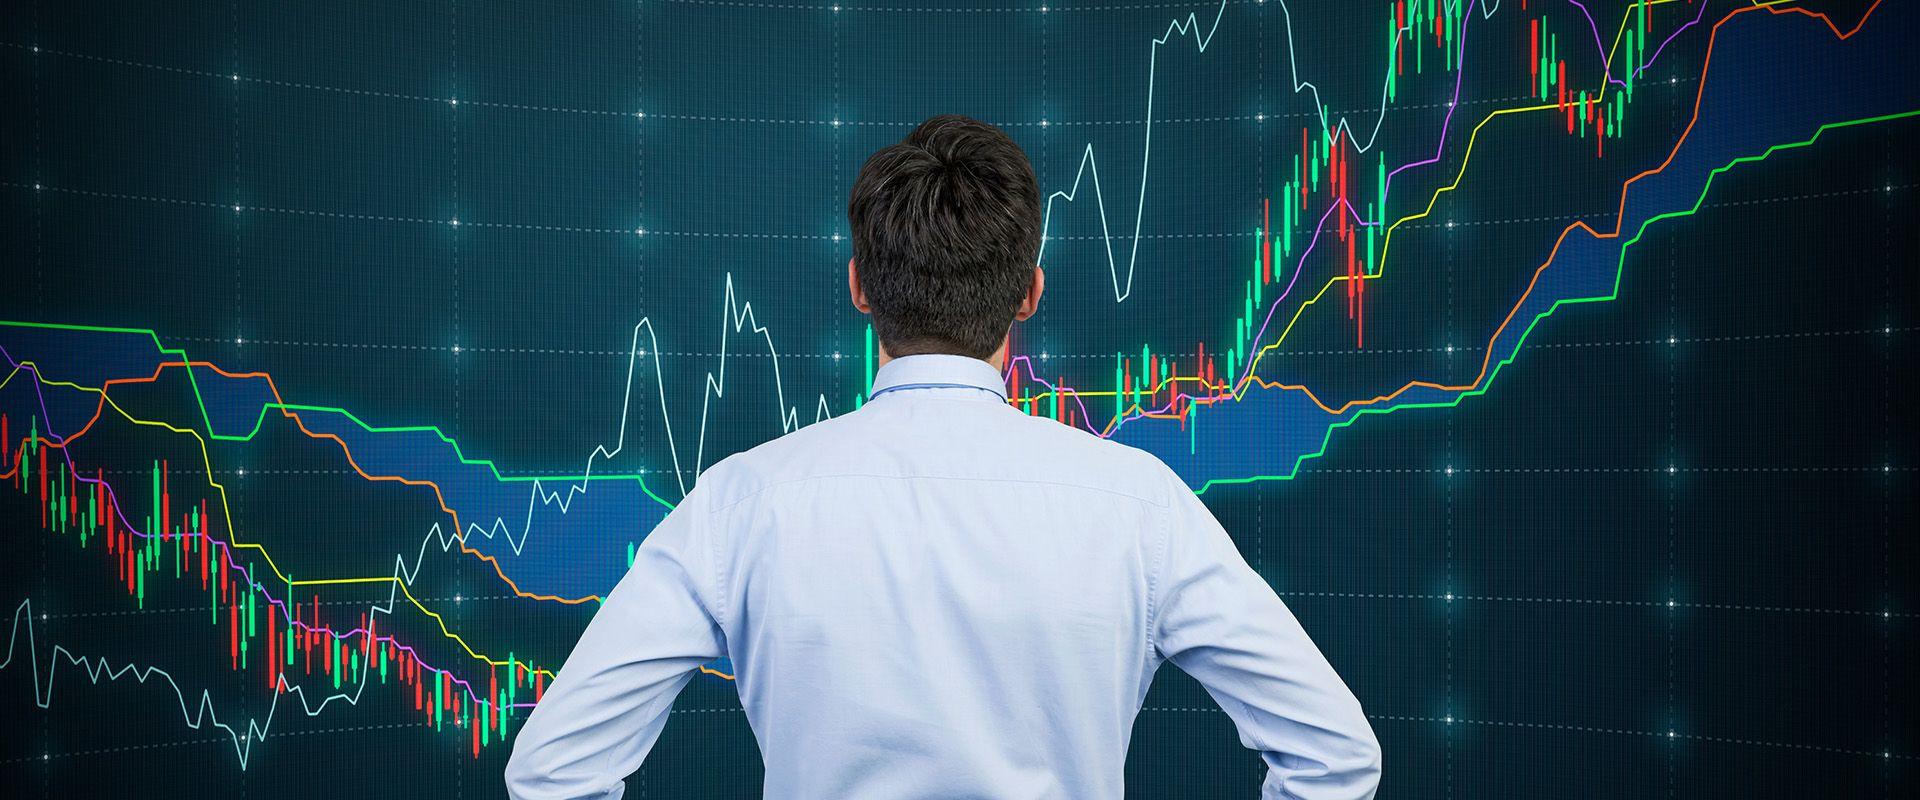 全球股市集体暴动!A股放量大涨,北上资金仅半日就狂买49亿;券商板块也火了,一小时成交超昨日全天!